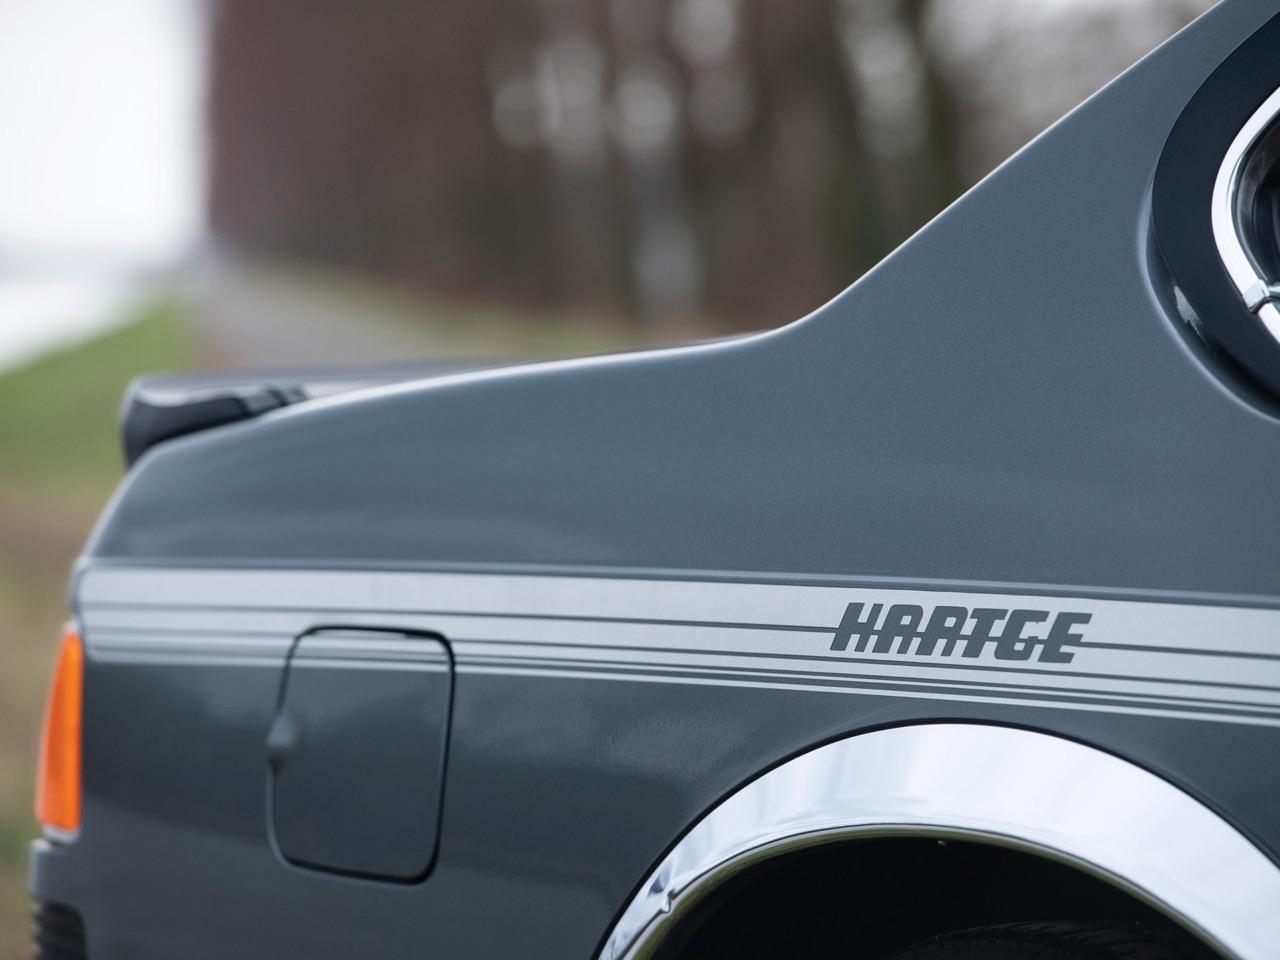 De BMW 635 Csi à Hartge H6 SP 2